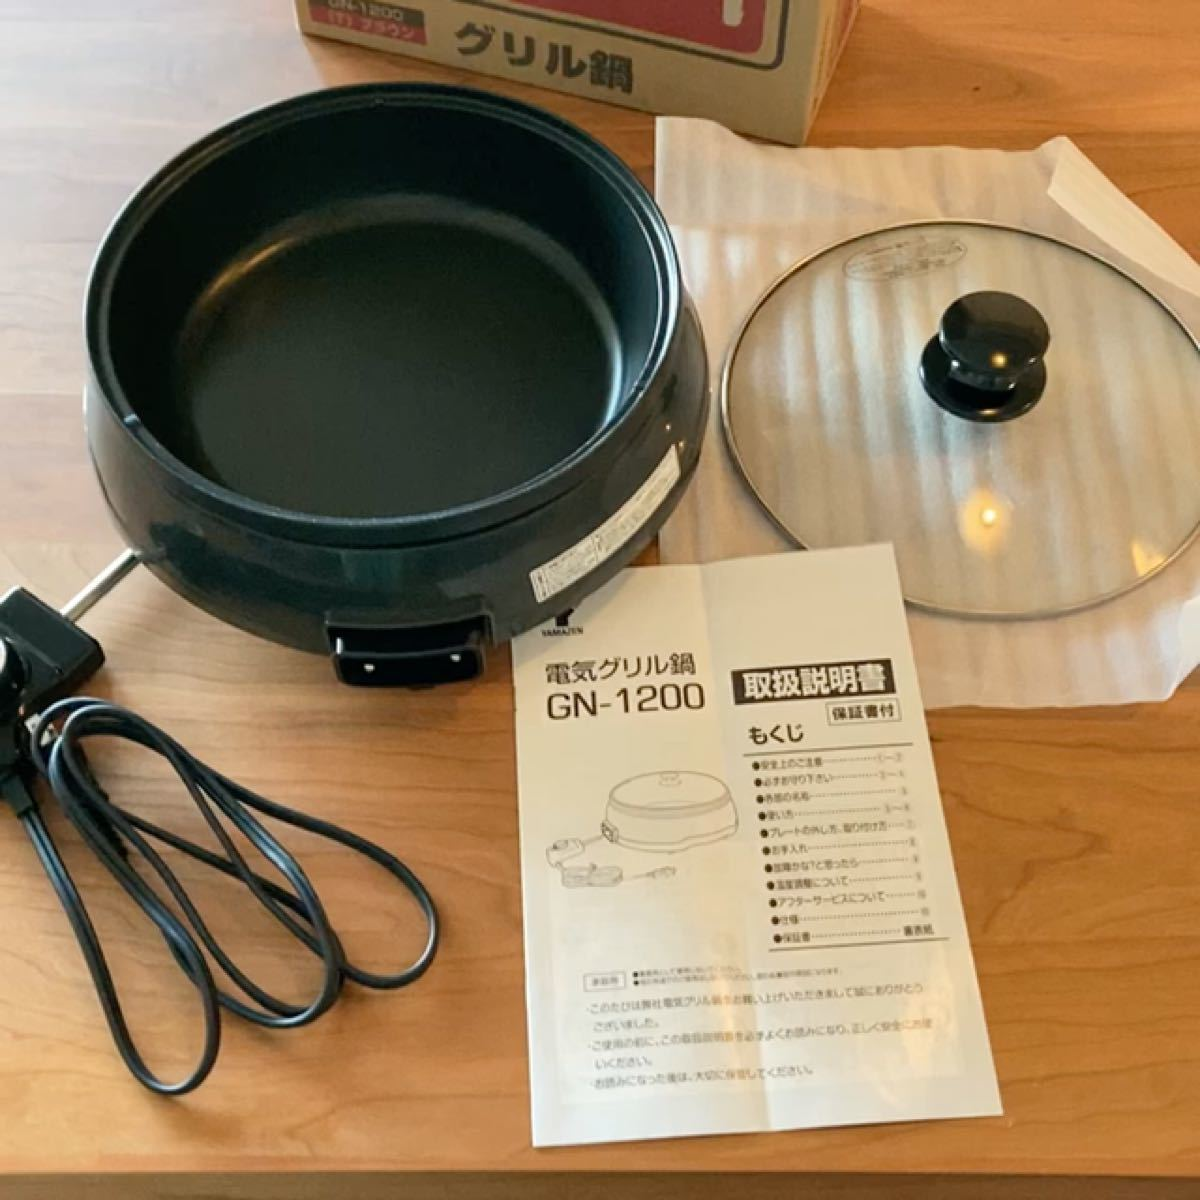 山善 グリルパン グリル鍋 2〜3人分の鍋を作るのにピッタリ 電気鍋 保温から230℃まで設定出来ます